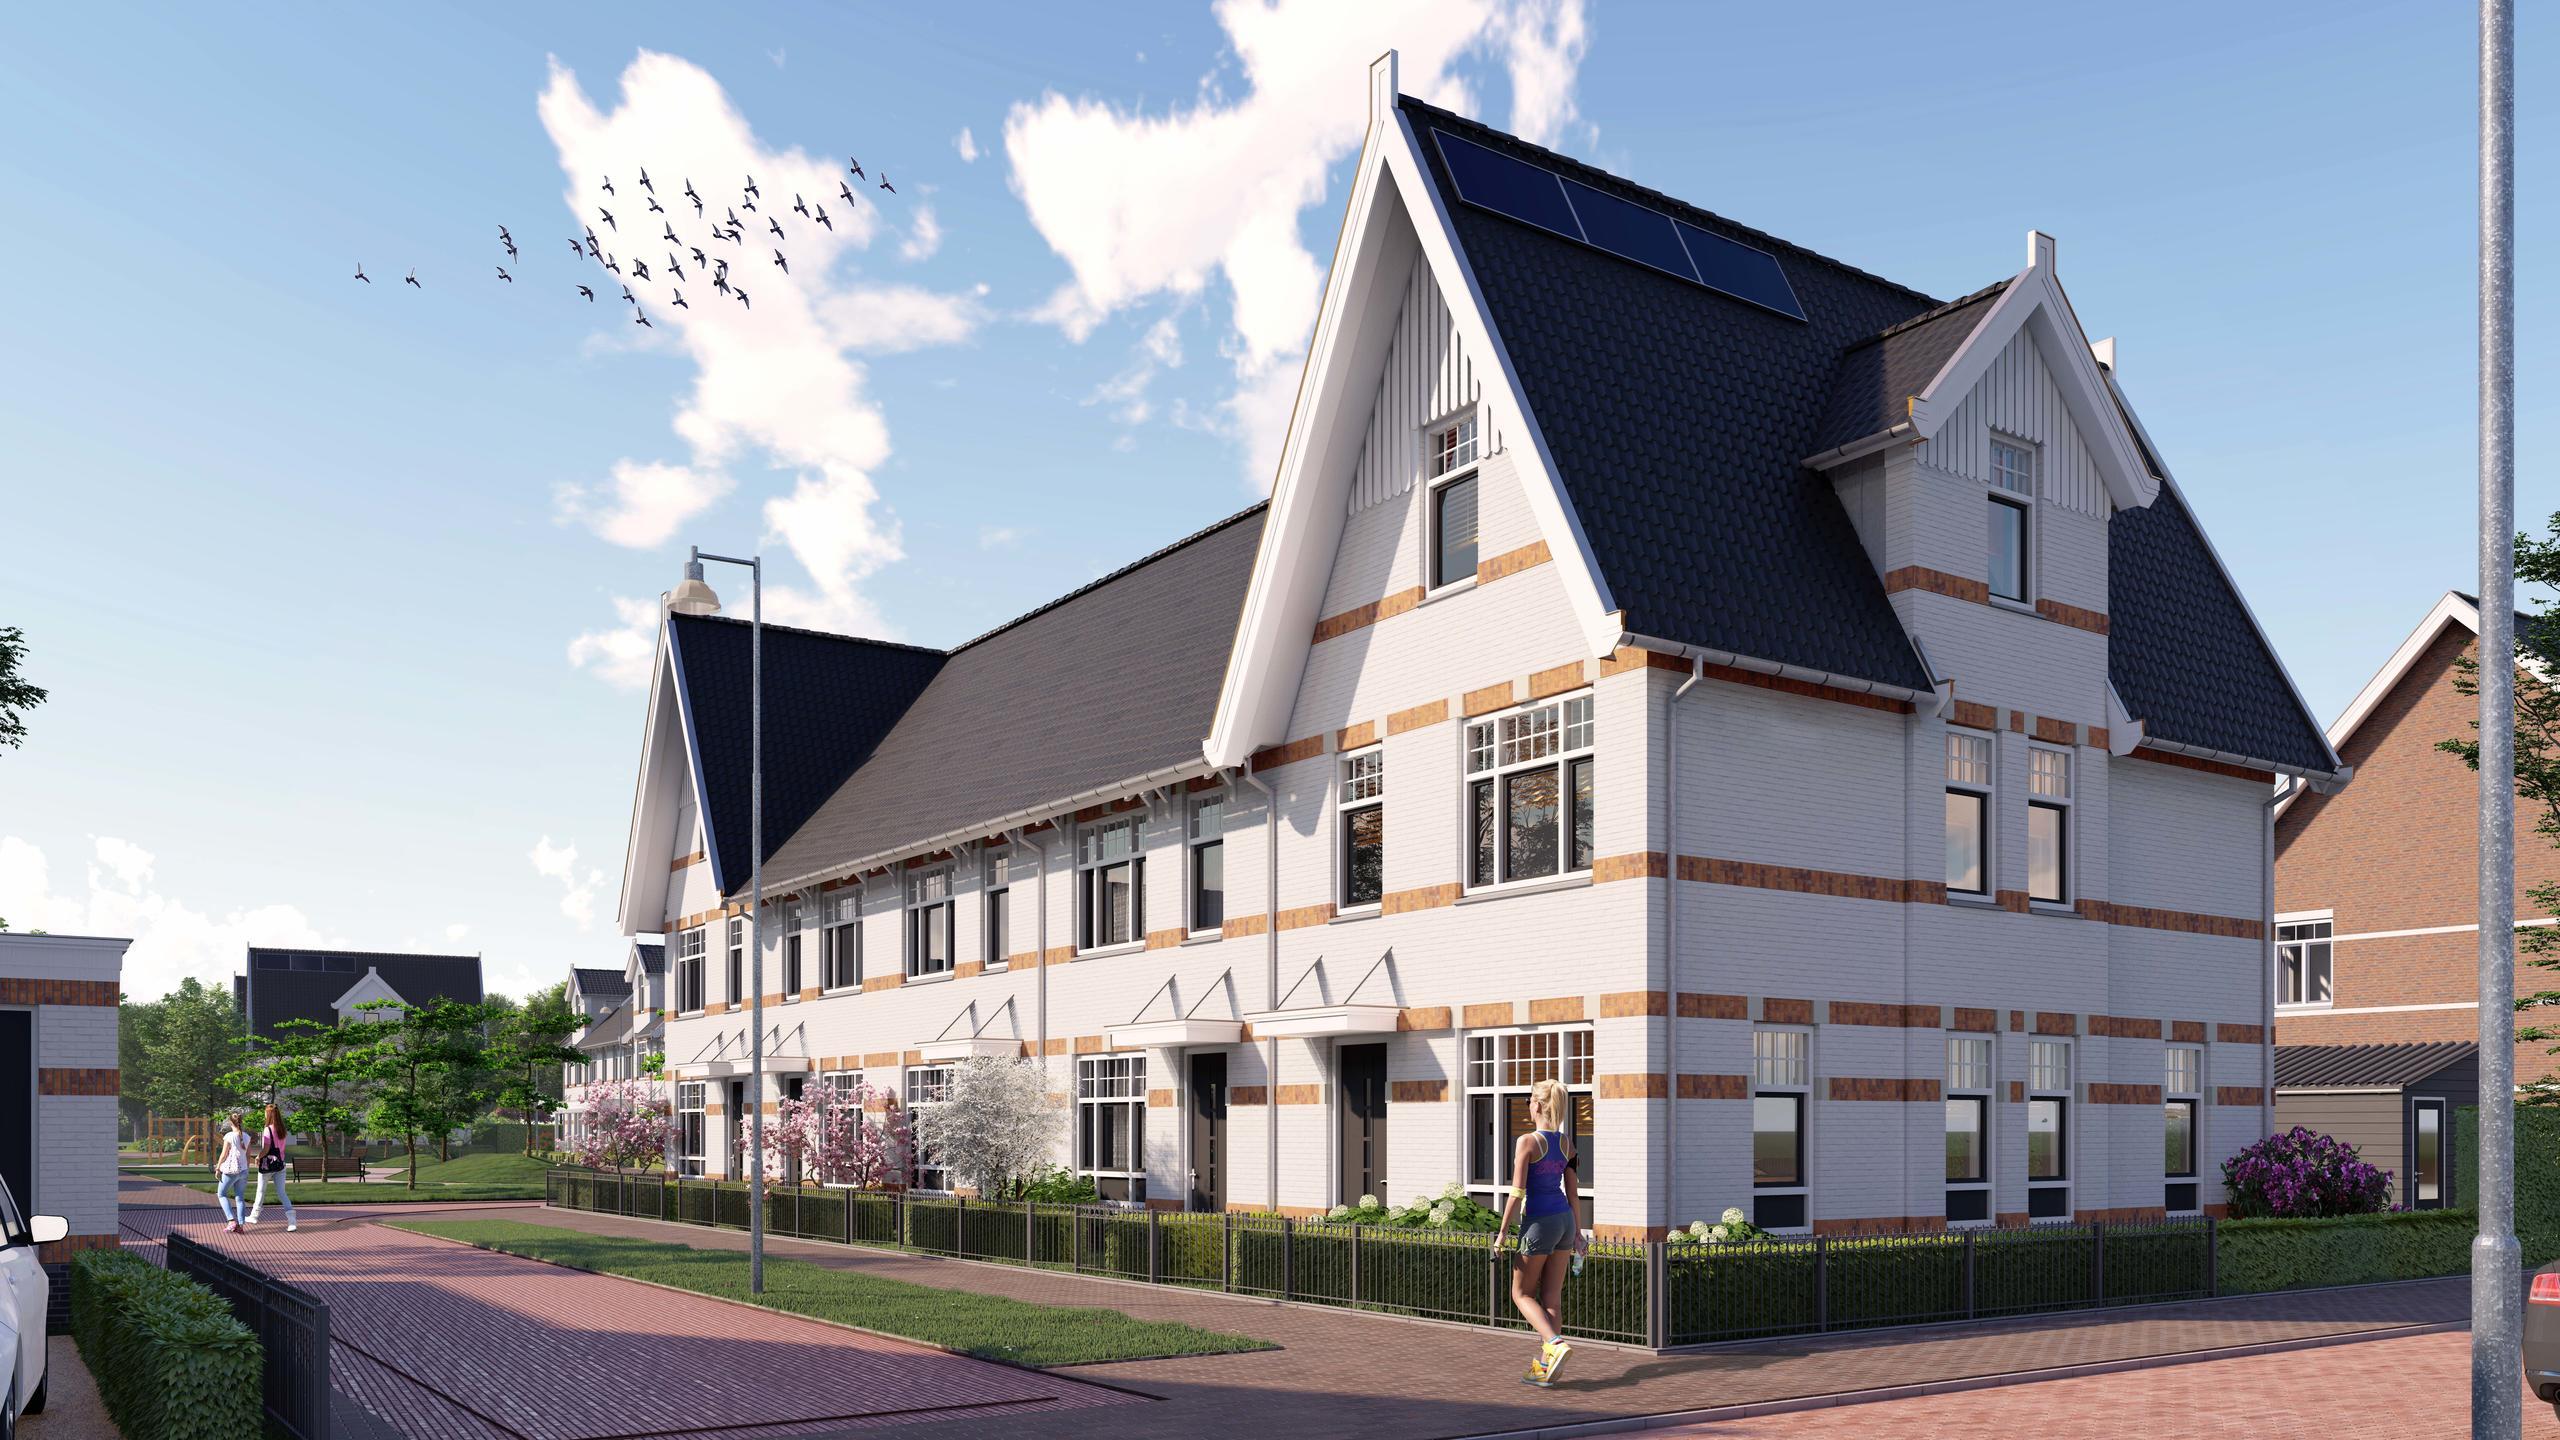 Lunshof makelaars Amstelveen en Amsterdam - Fort Blauwkapelhof 31  Weesp